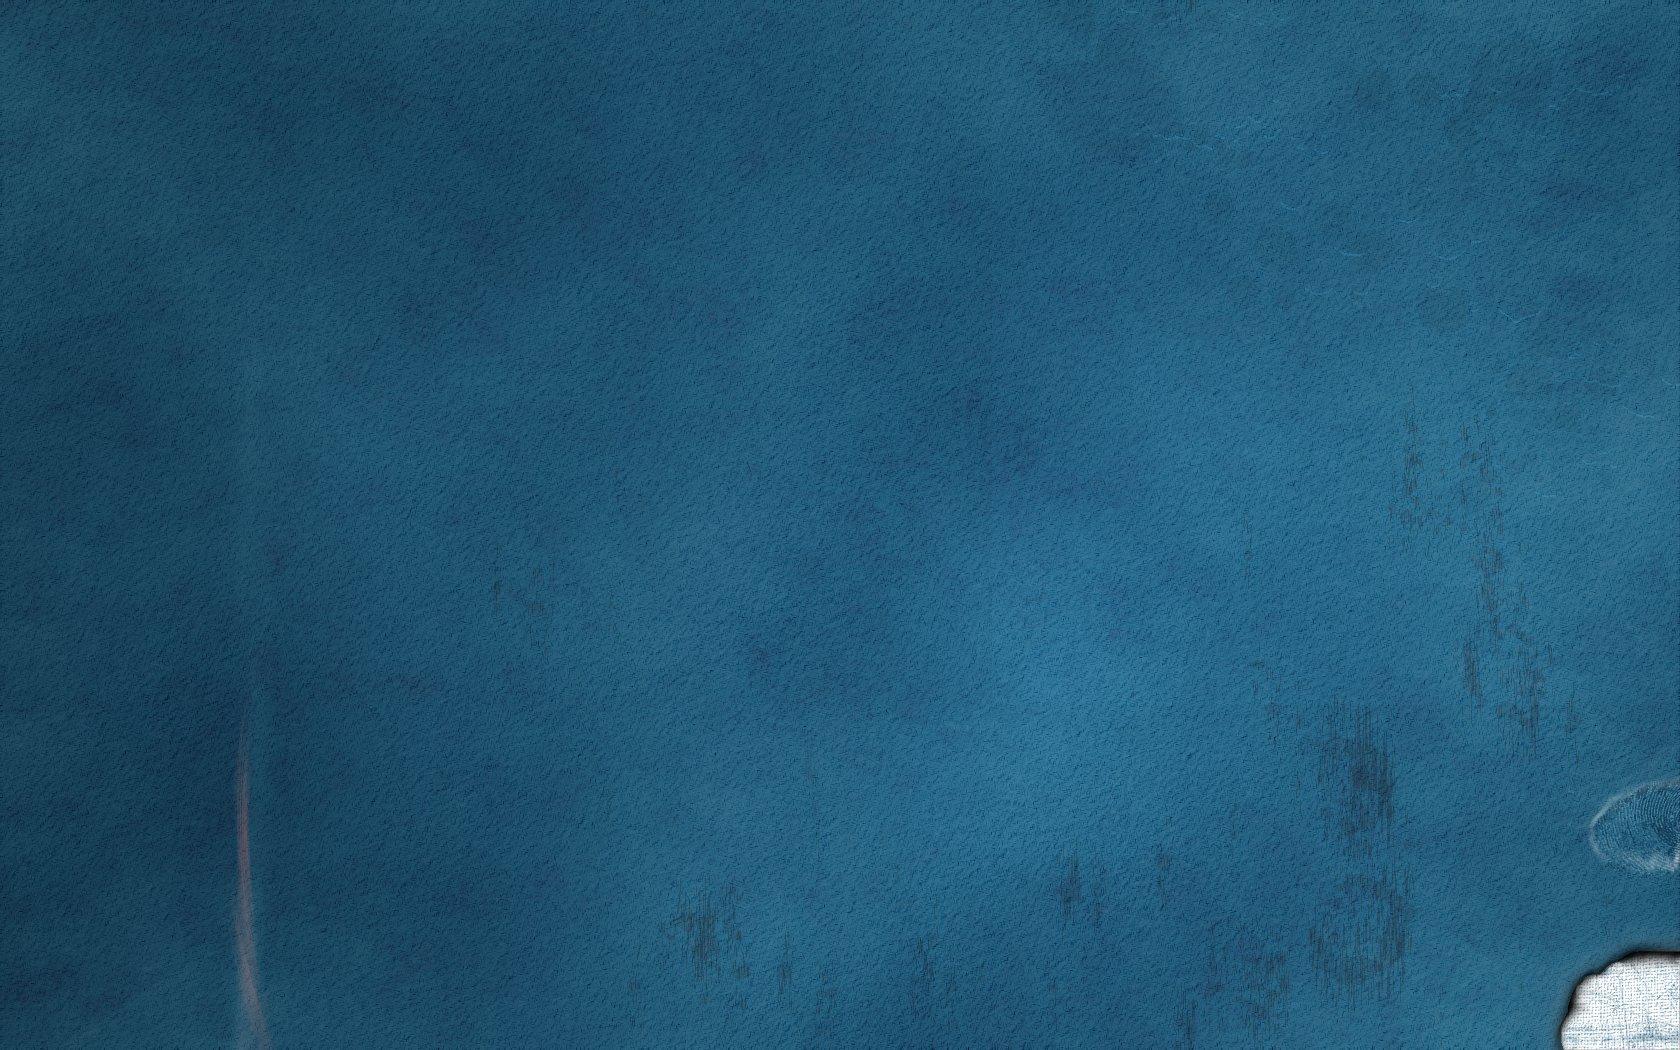 grunge corner blue